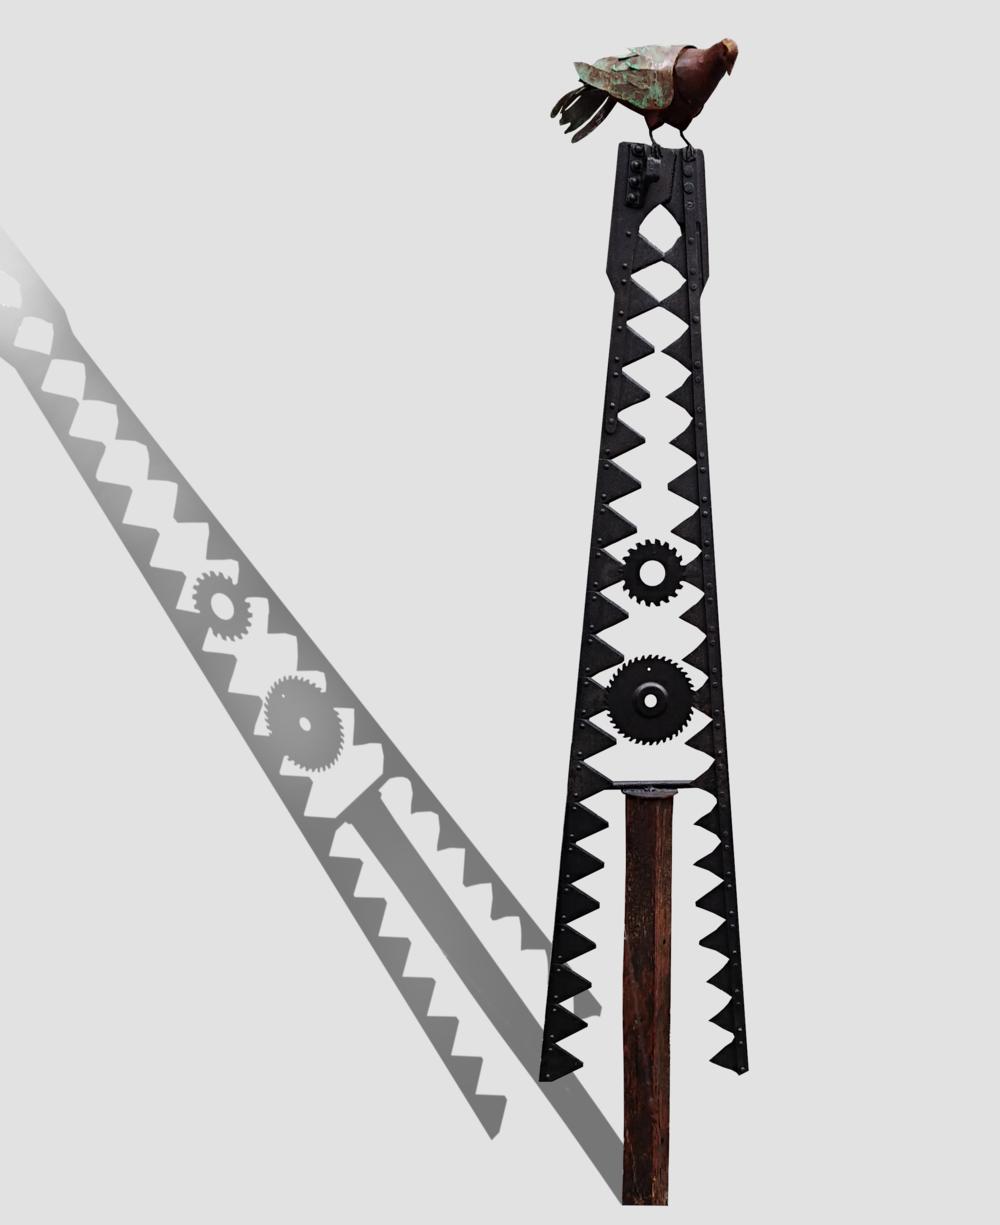 Kereru on Cutter Blades  Mark Dimock, steel & wood outdoor sculpture  $1,050.00